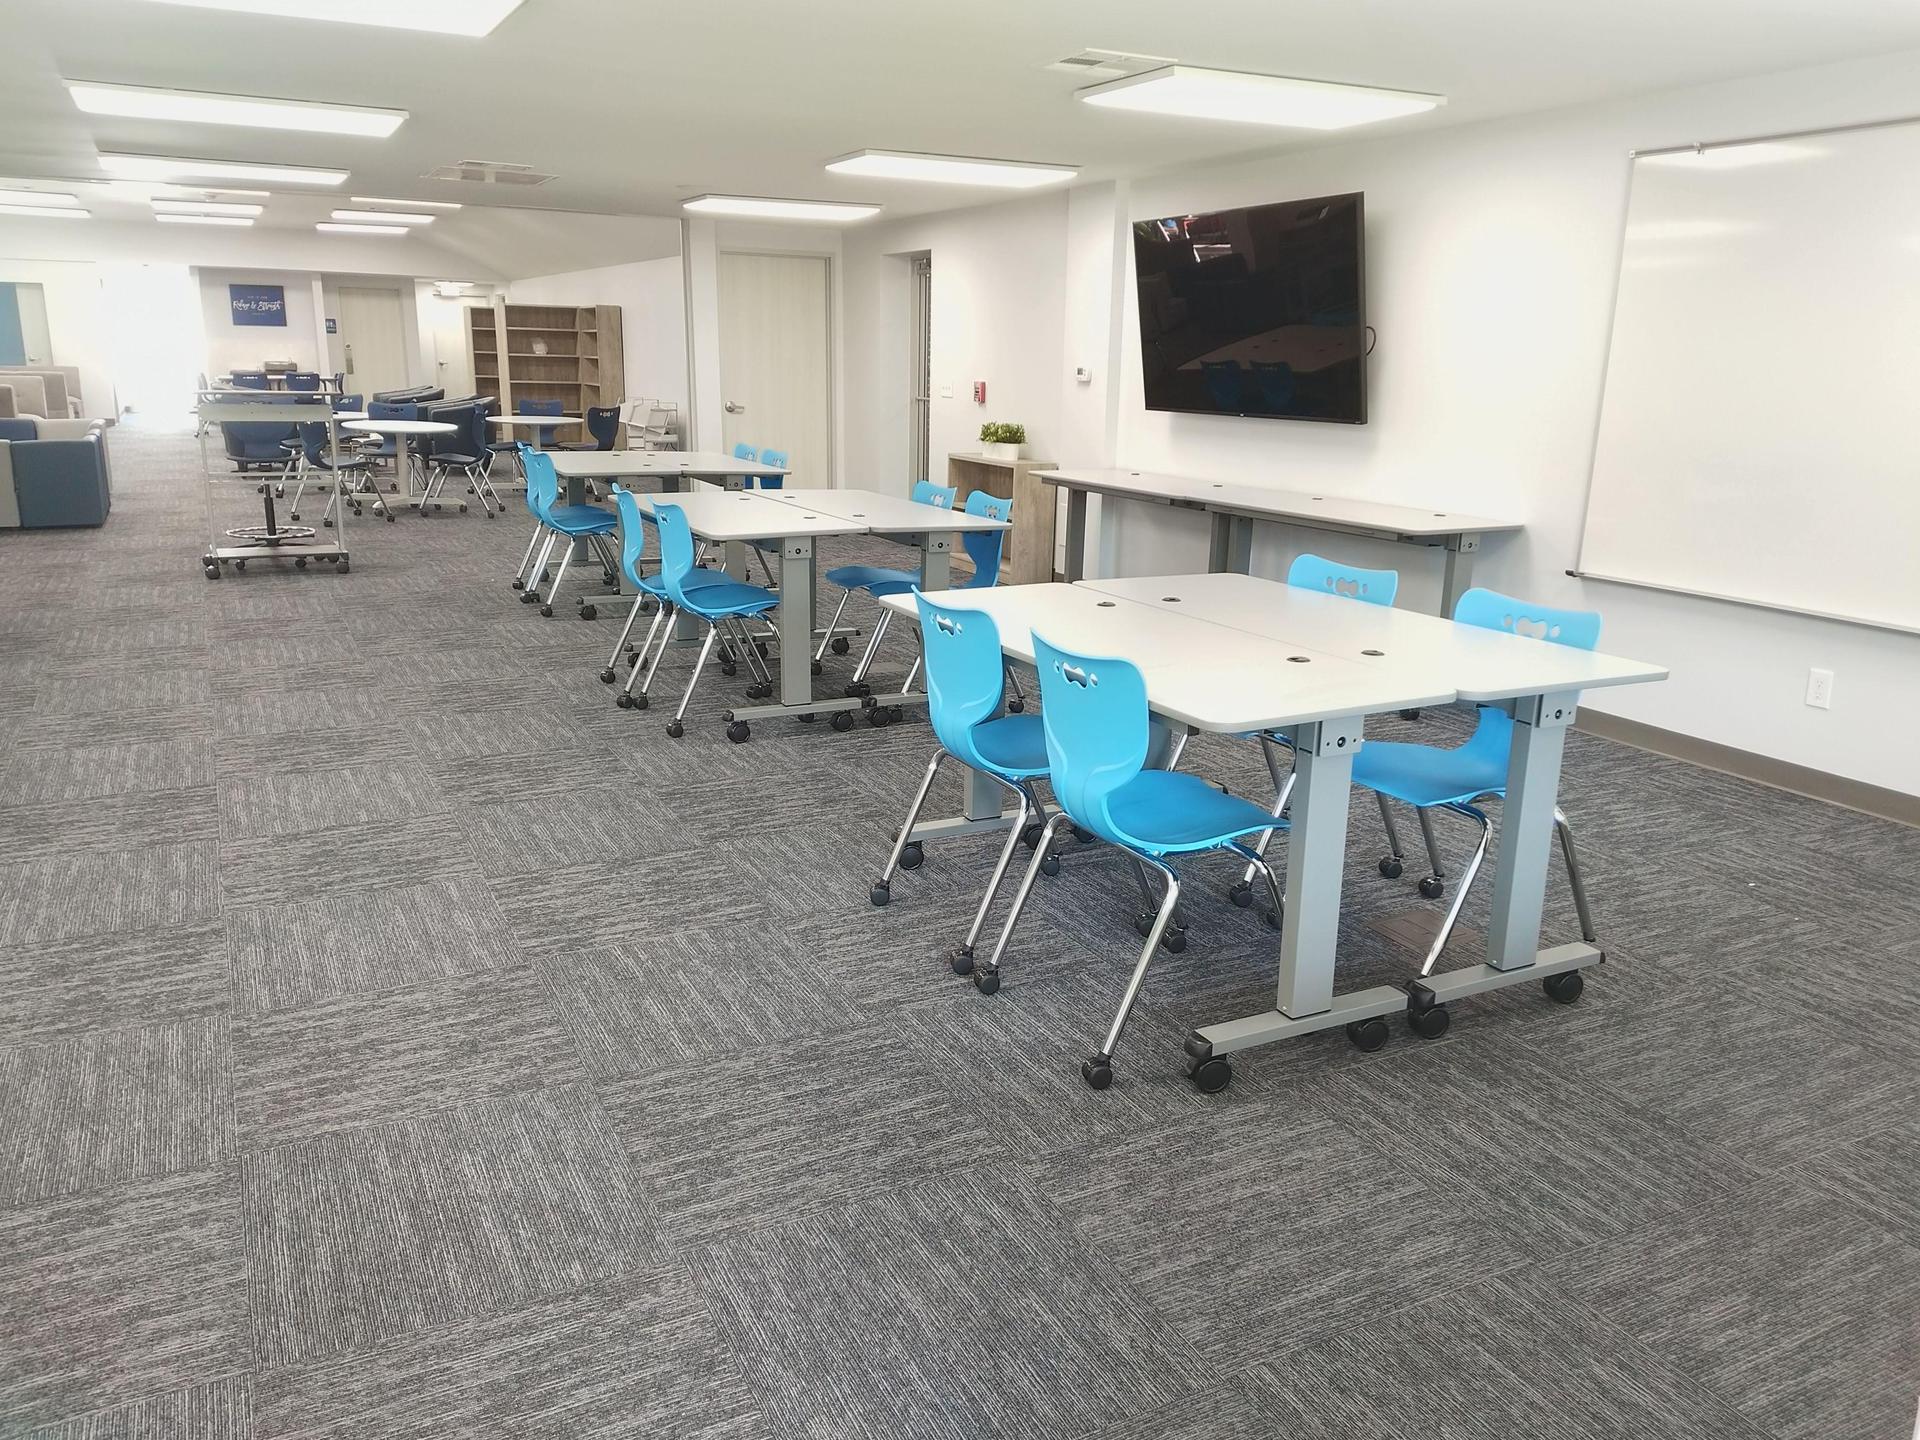 collaborative tech lab - open